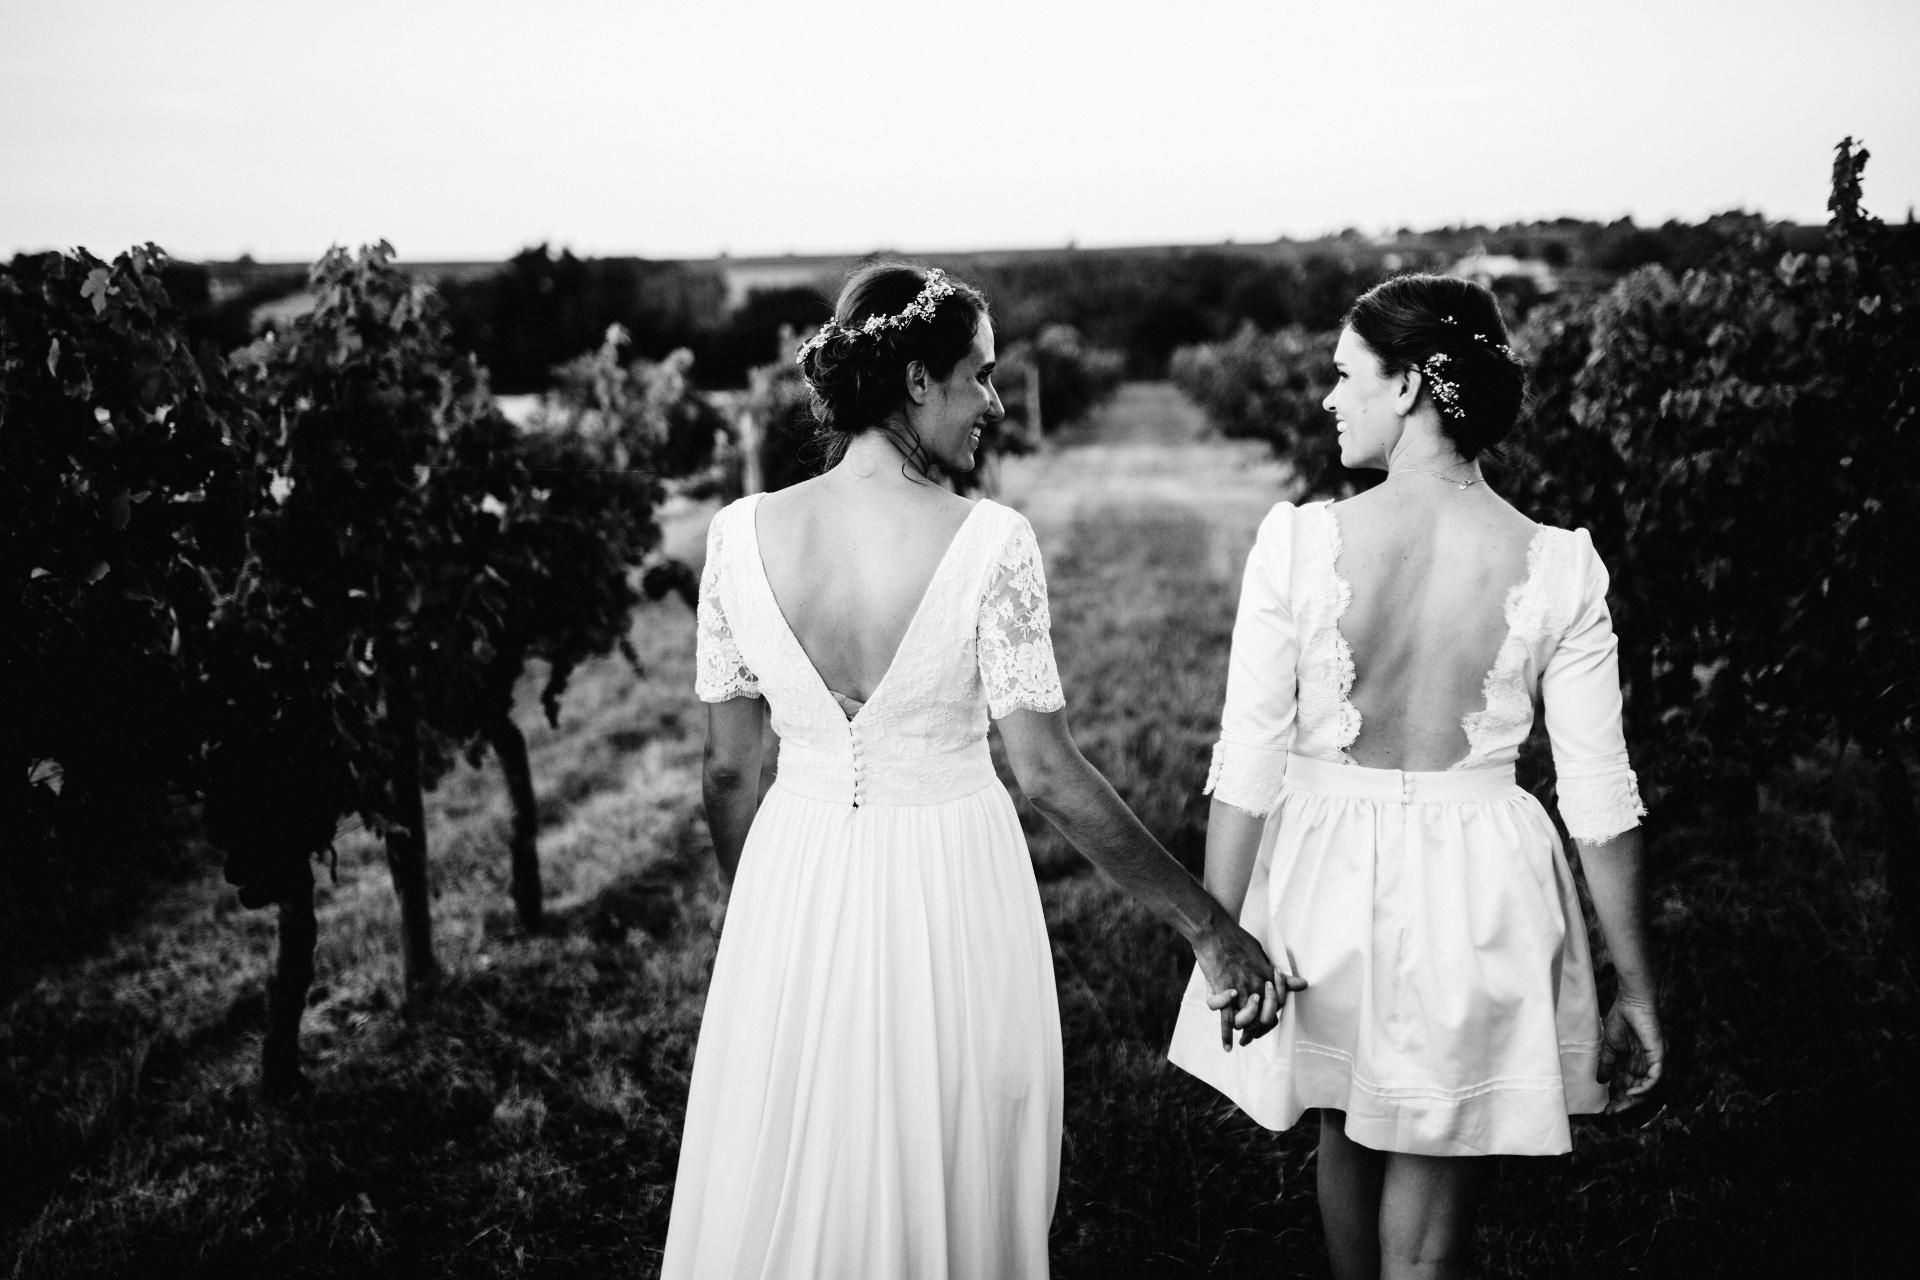 photographe-mariage-bordeaux-55.jpg